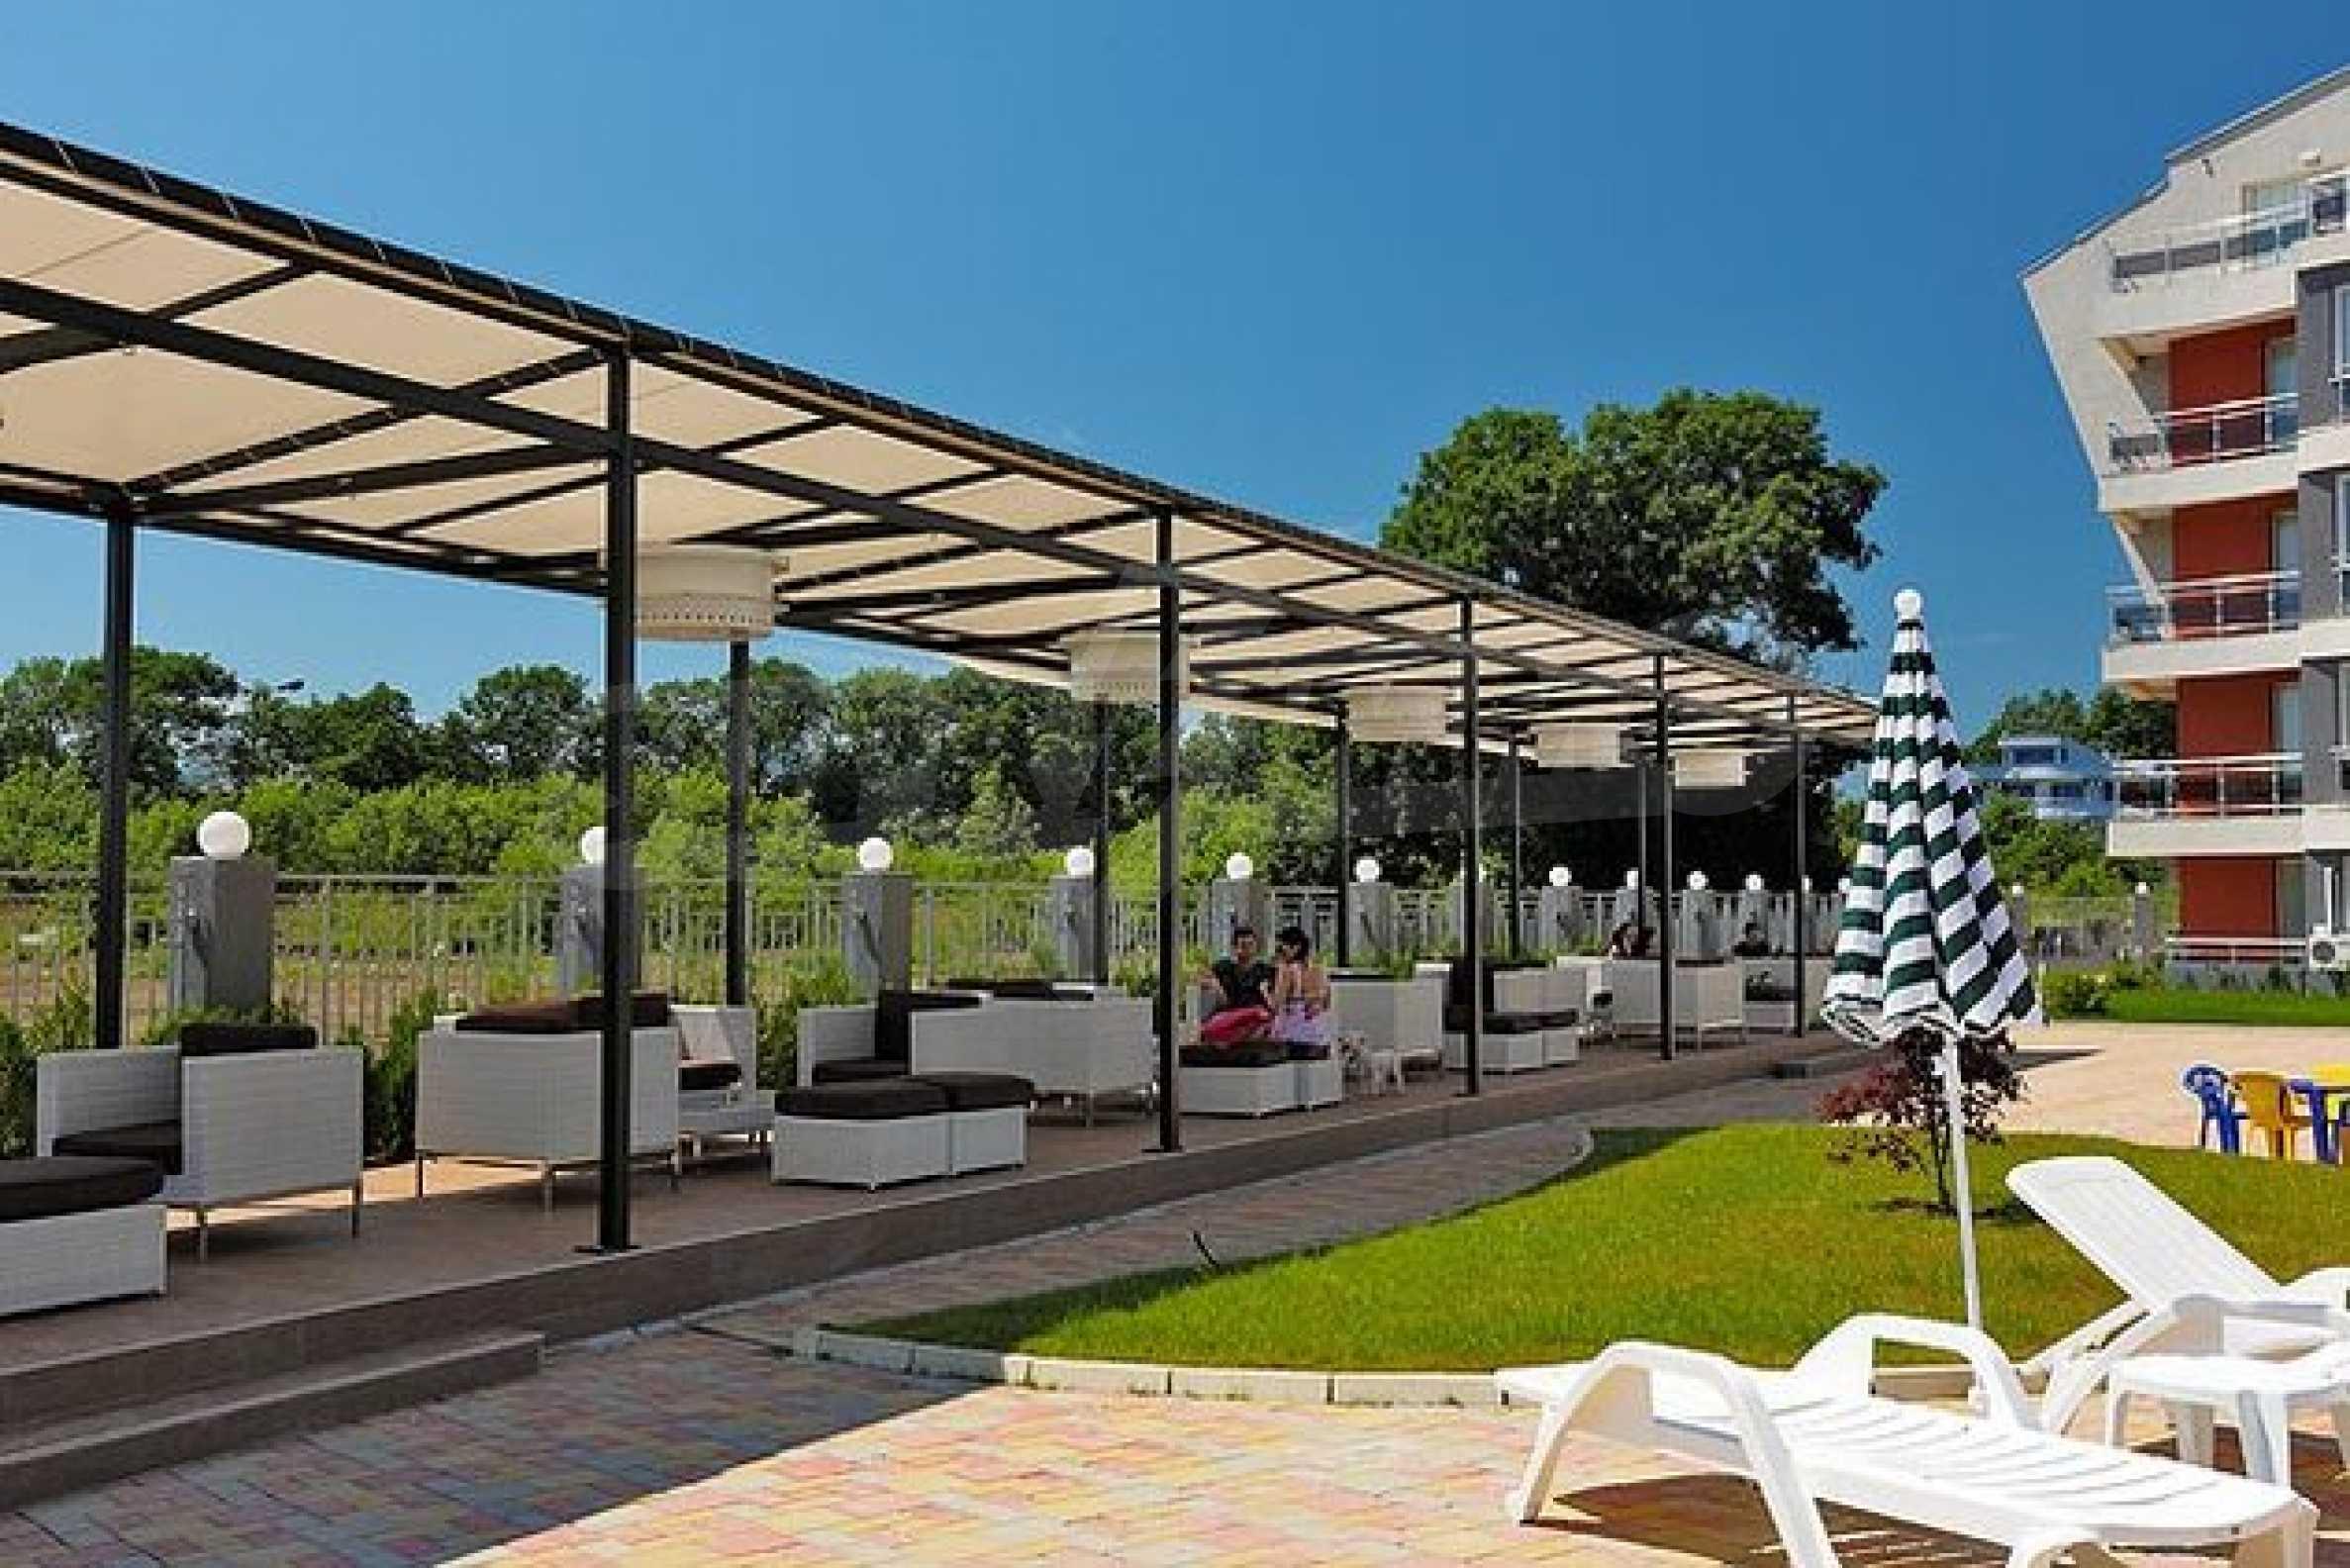 Einrichtung mit Restaurant, Bar und Pool-Bar im Meer-Kurort Lozenets 16